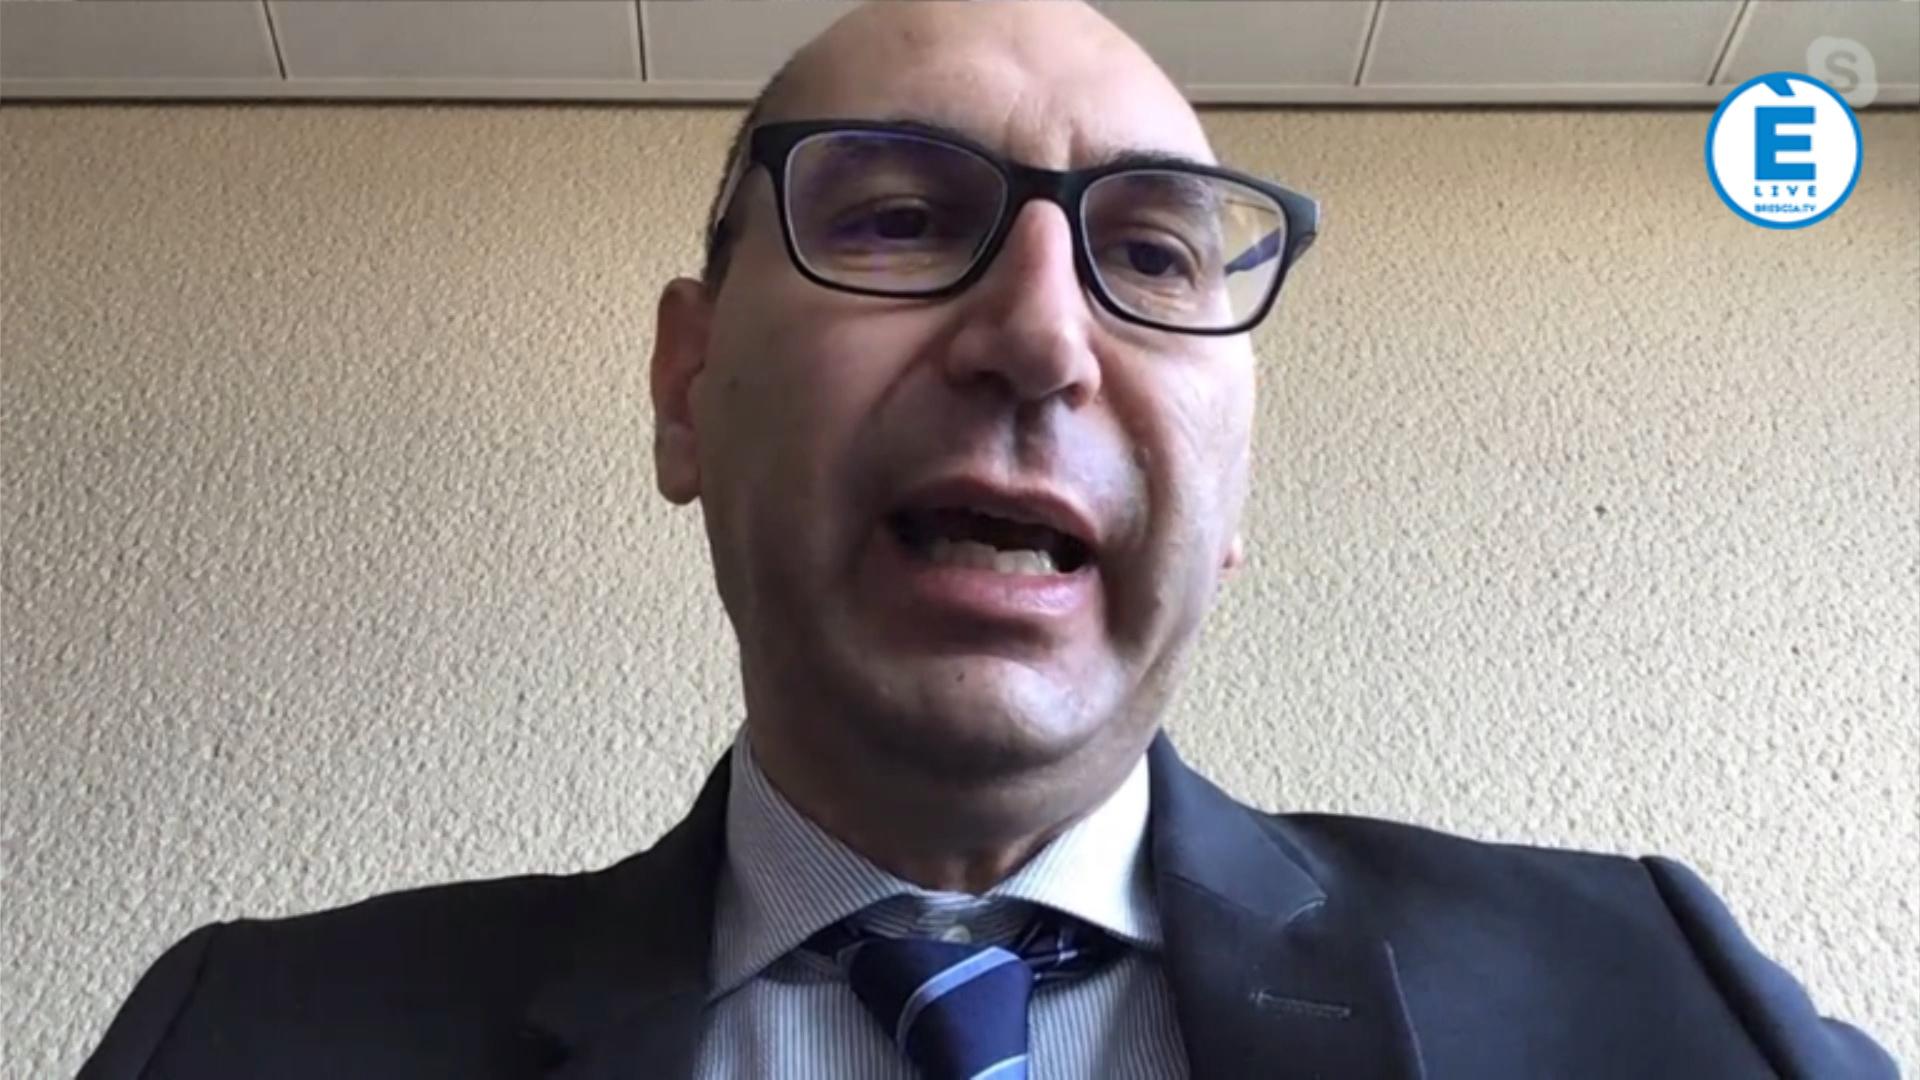 """Fumagalli, M5S: """"Dati o protesta a oltranza, è una situazione catastrofica"""""""